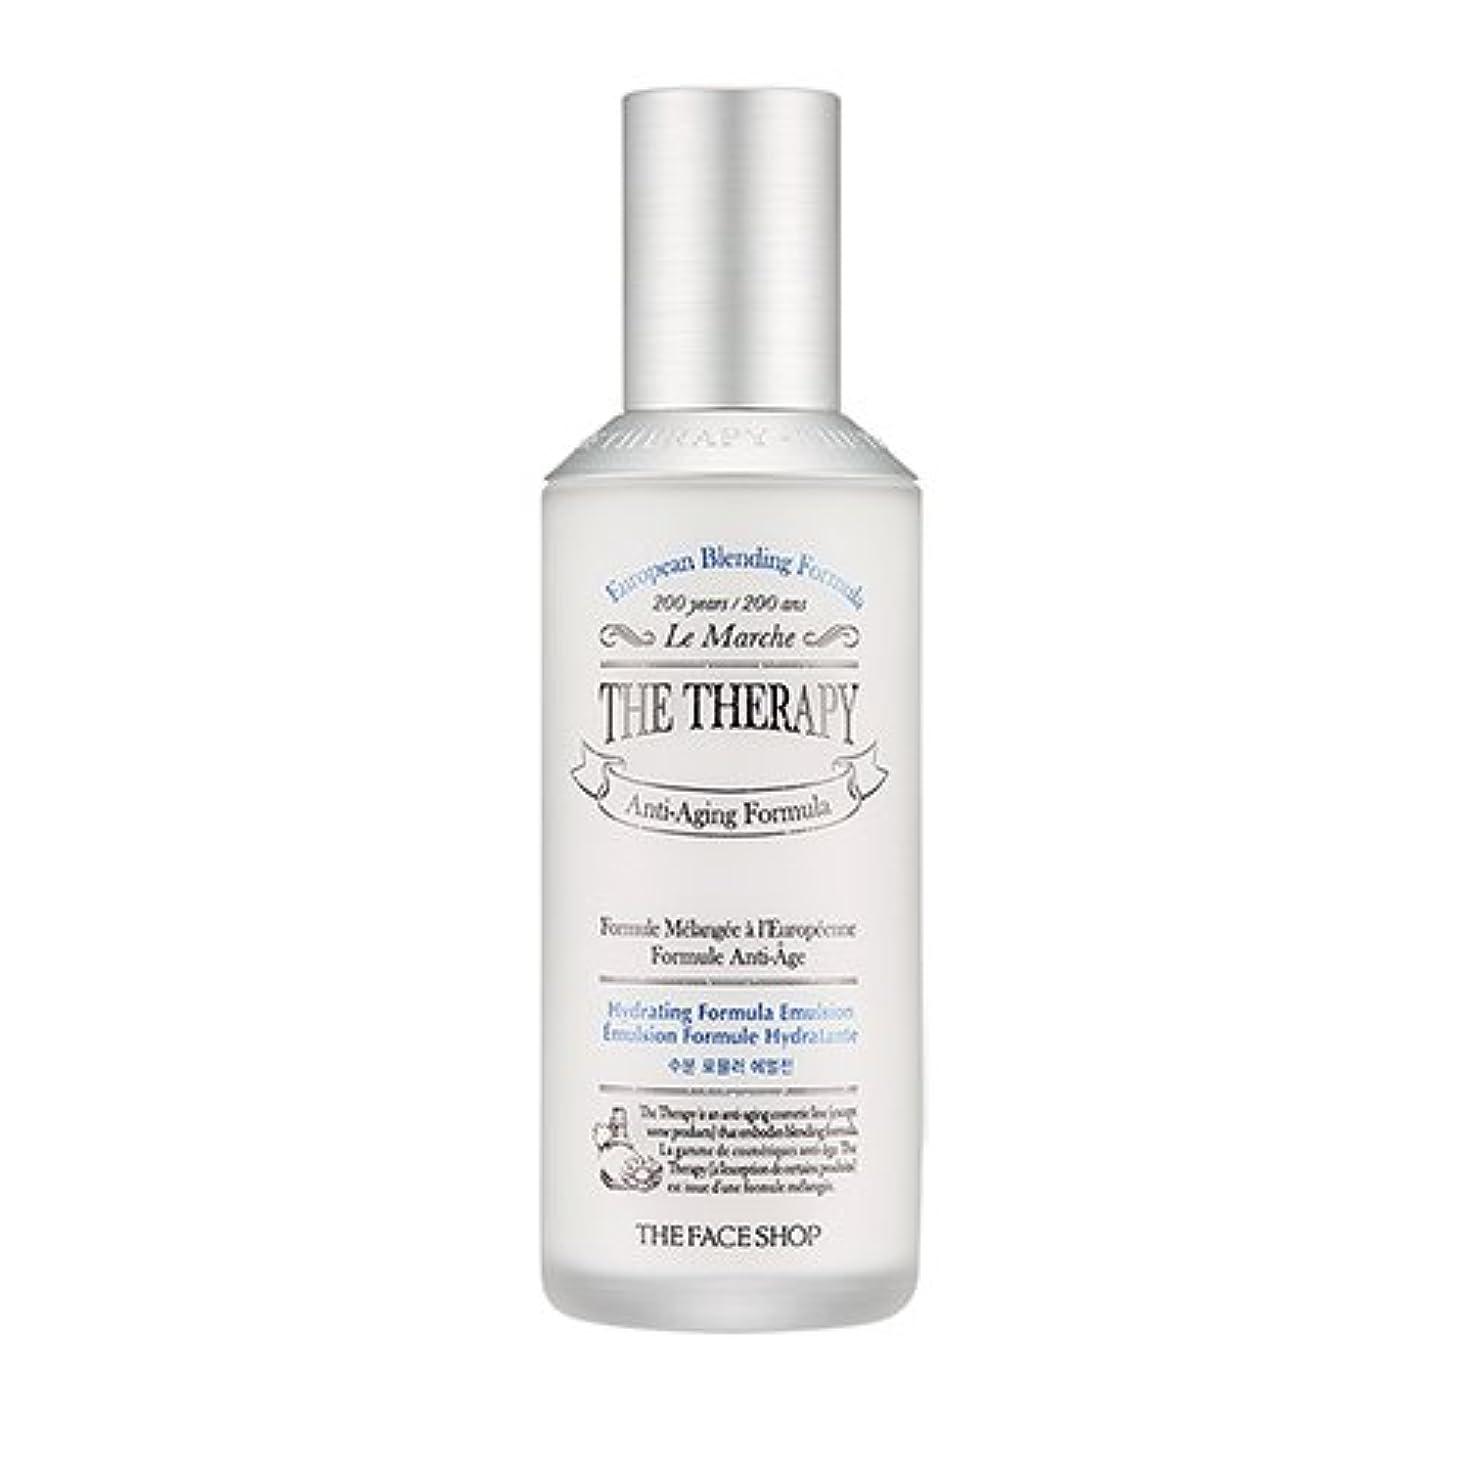 シェアぬるいパイプTHE FACE SHOP The Therapy Hydrating Formula Emulsion 130ml/ザフェイスショップ ザ セラピー ハイドレーティング フォーミュラ エマルジョン 130ml